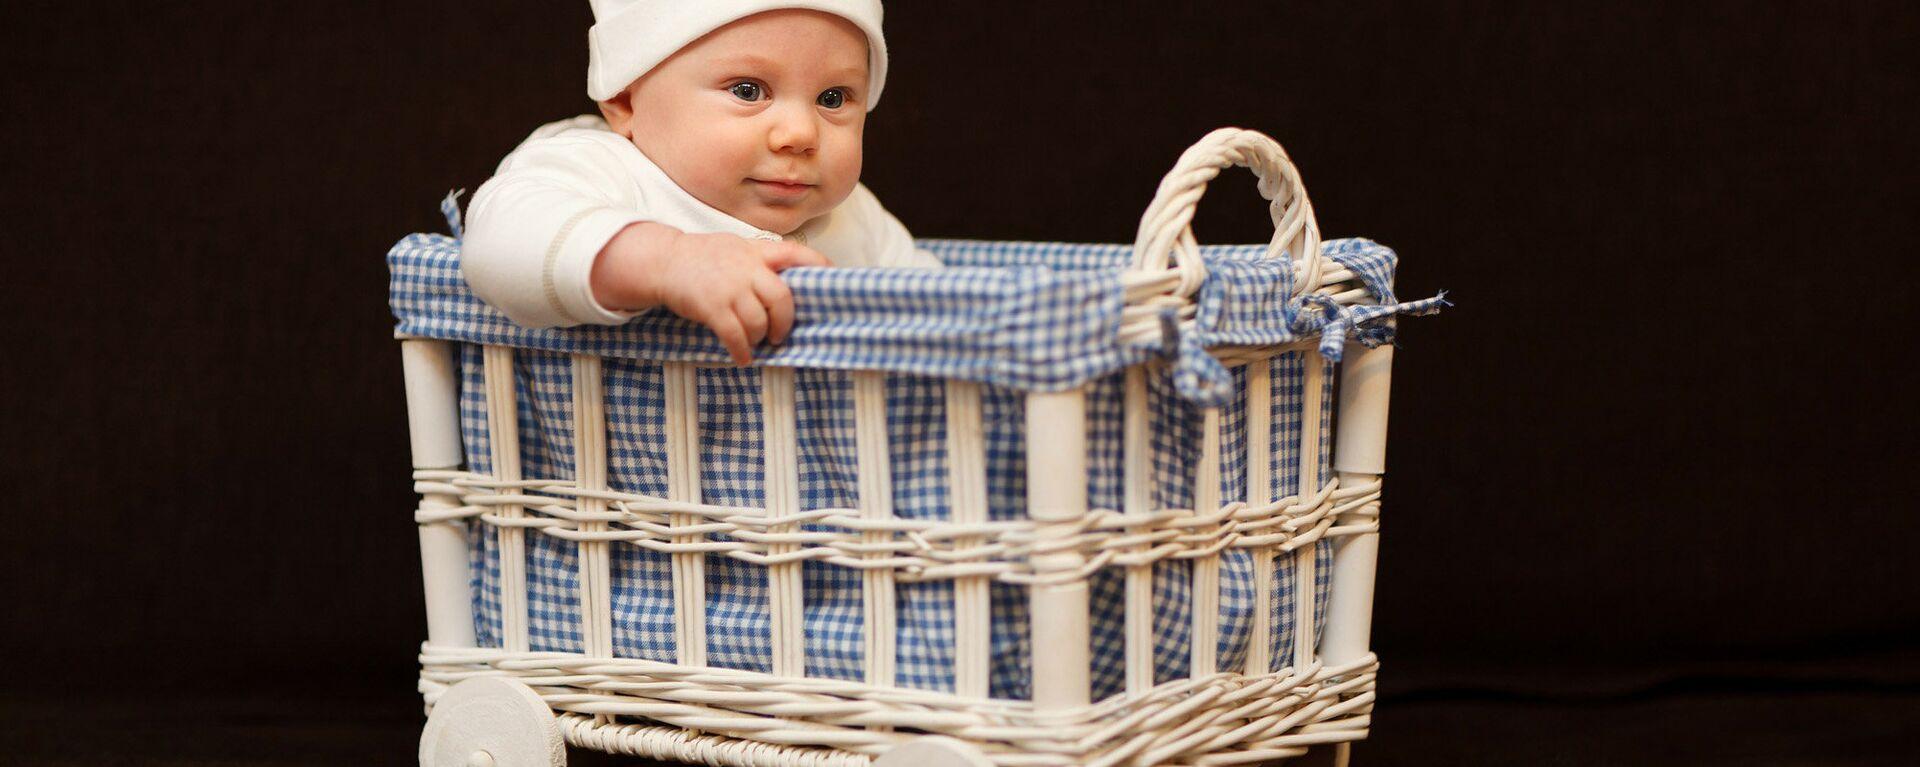 Младенец в корзинке - Sputnik Латвия, 1920, 20.01.2021